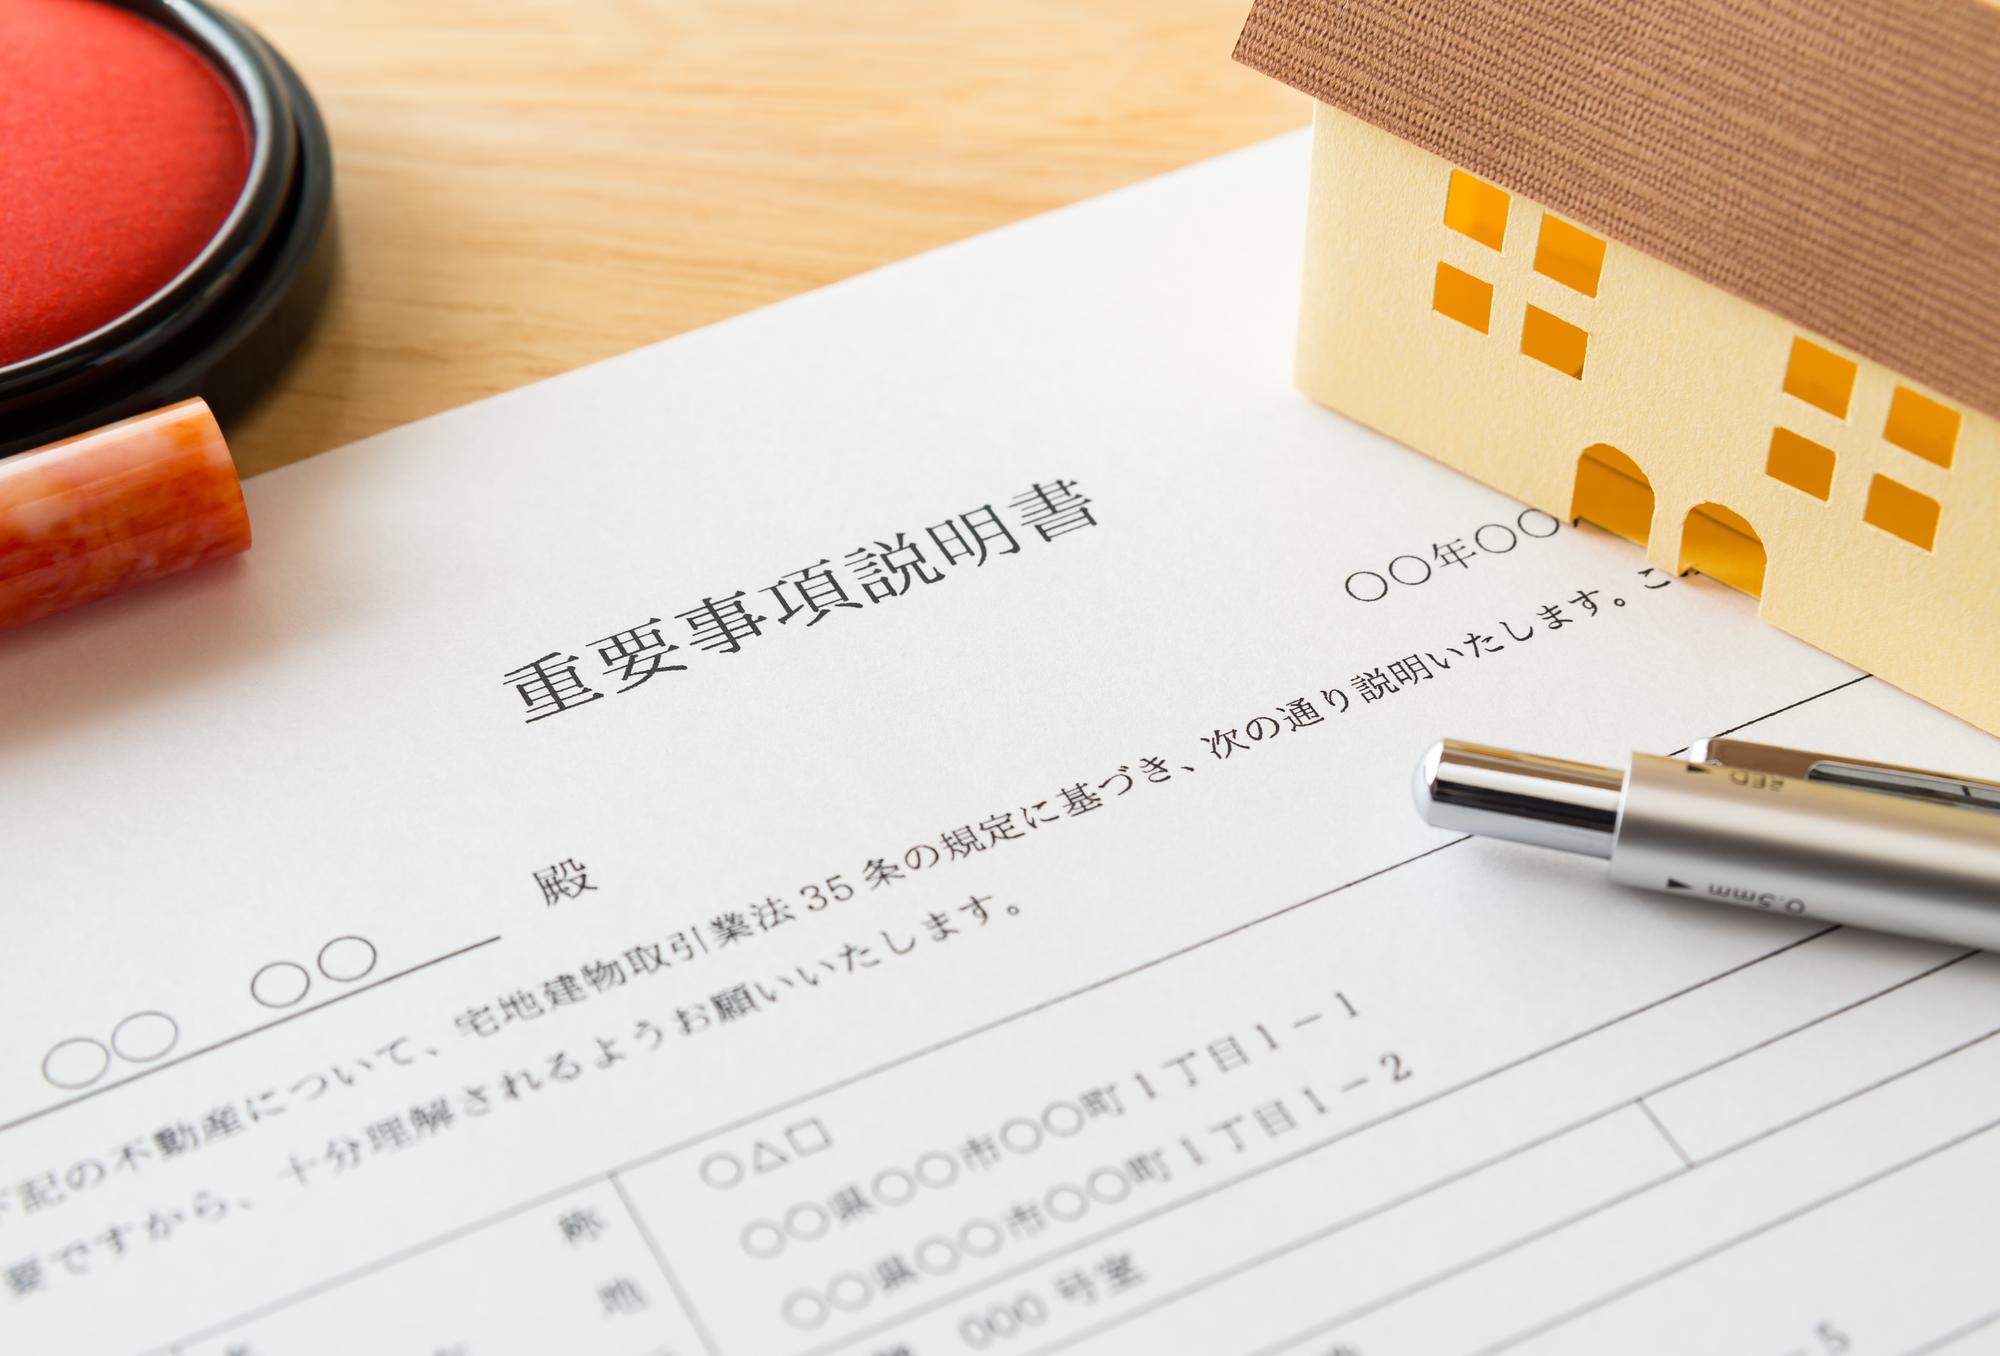 賃貸契約のイメージ